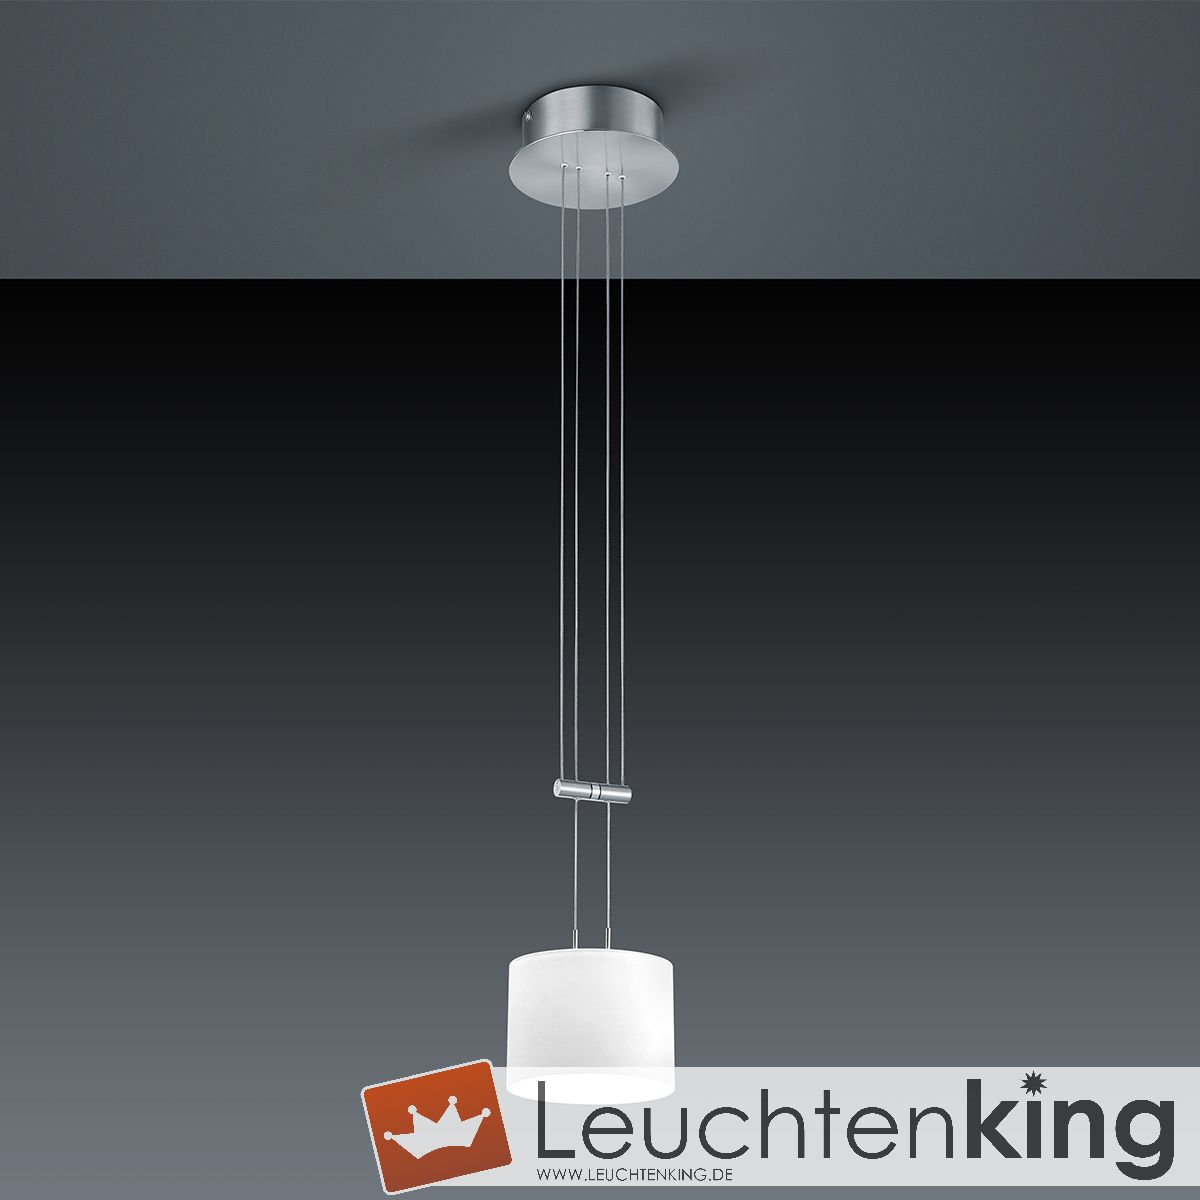 LED-Pendelleuchte Grazia/ 1 flammig von BANKAMP Leuchtenmanufaktur